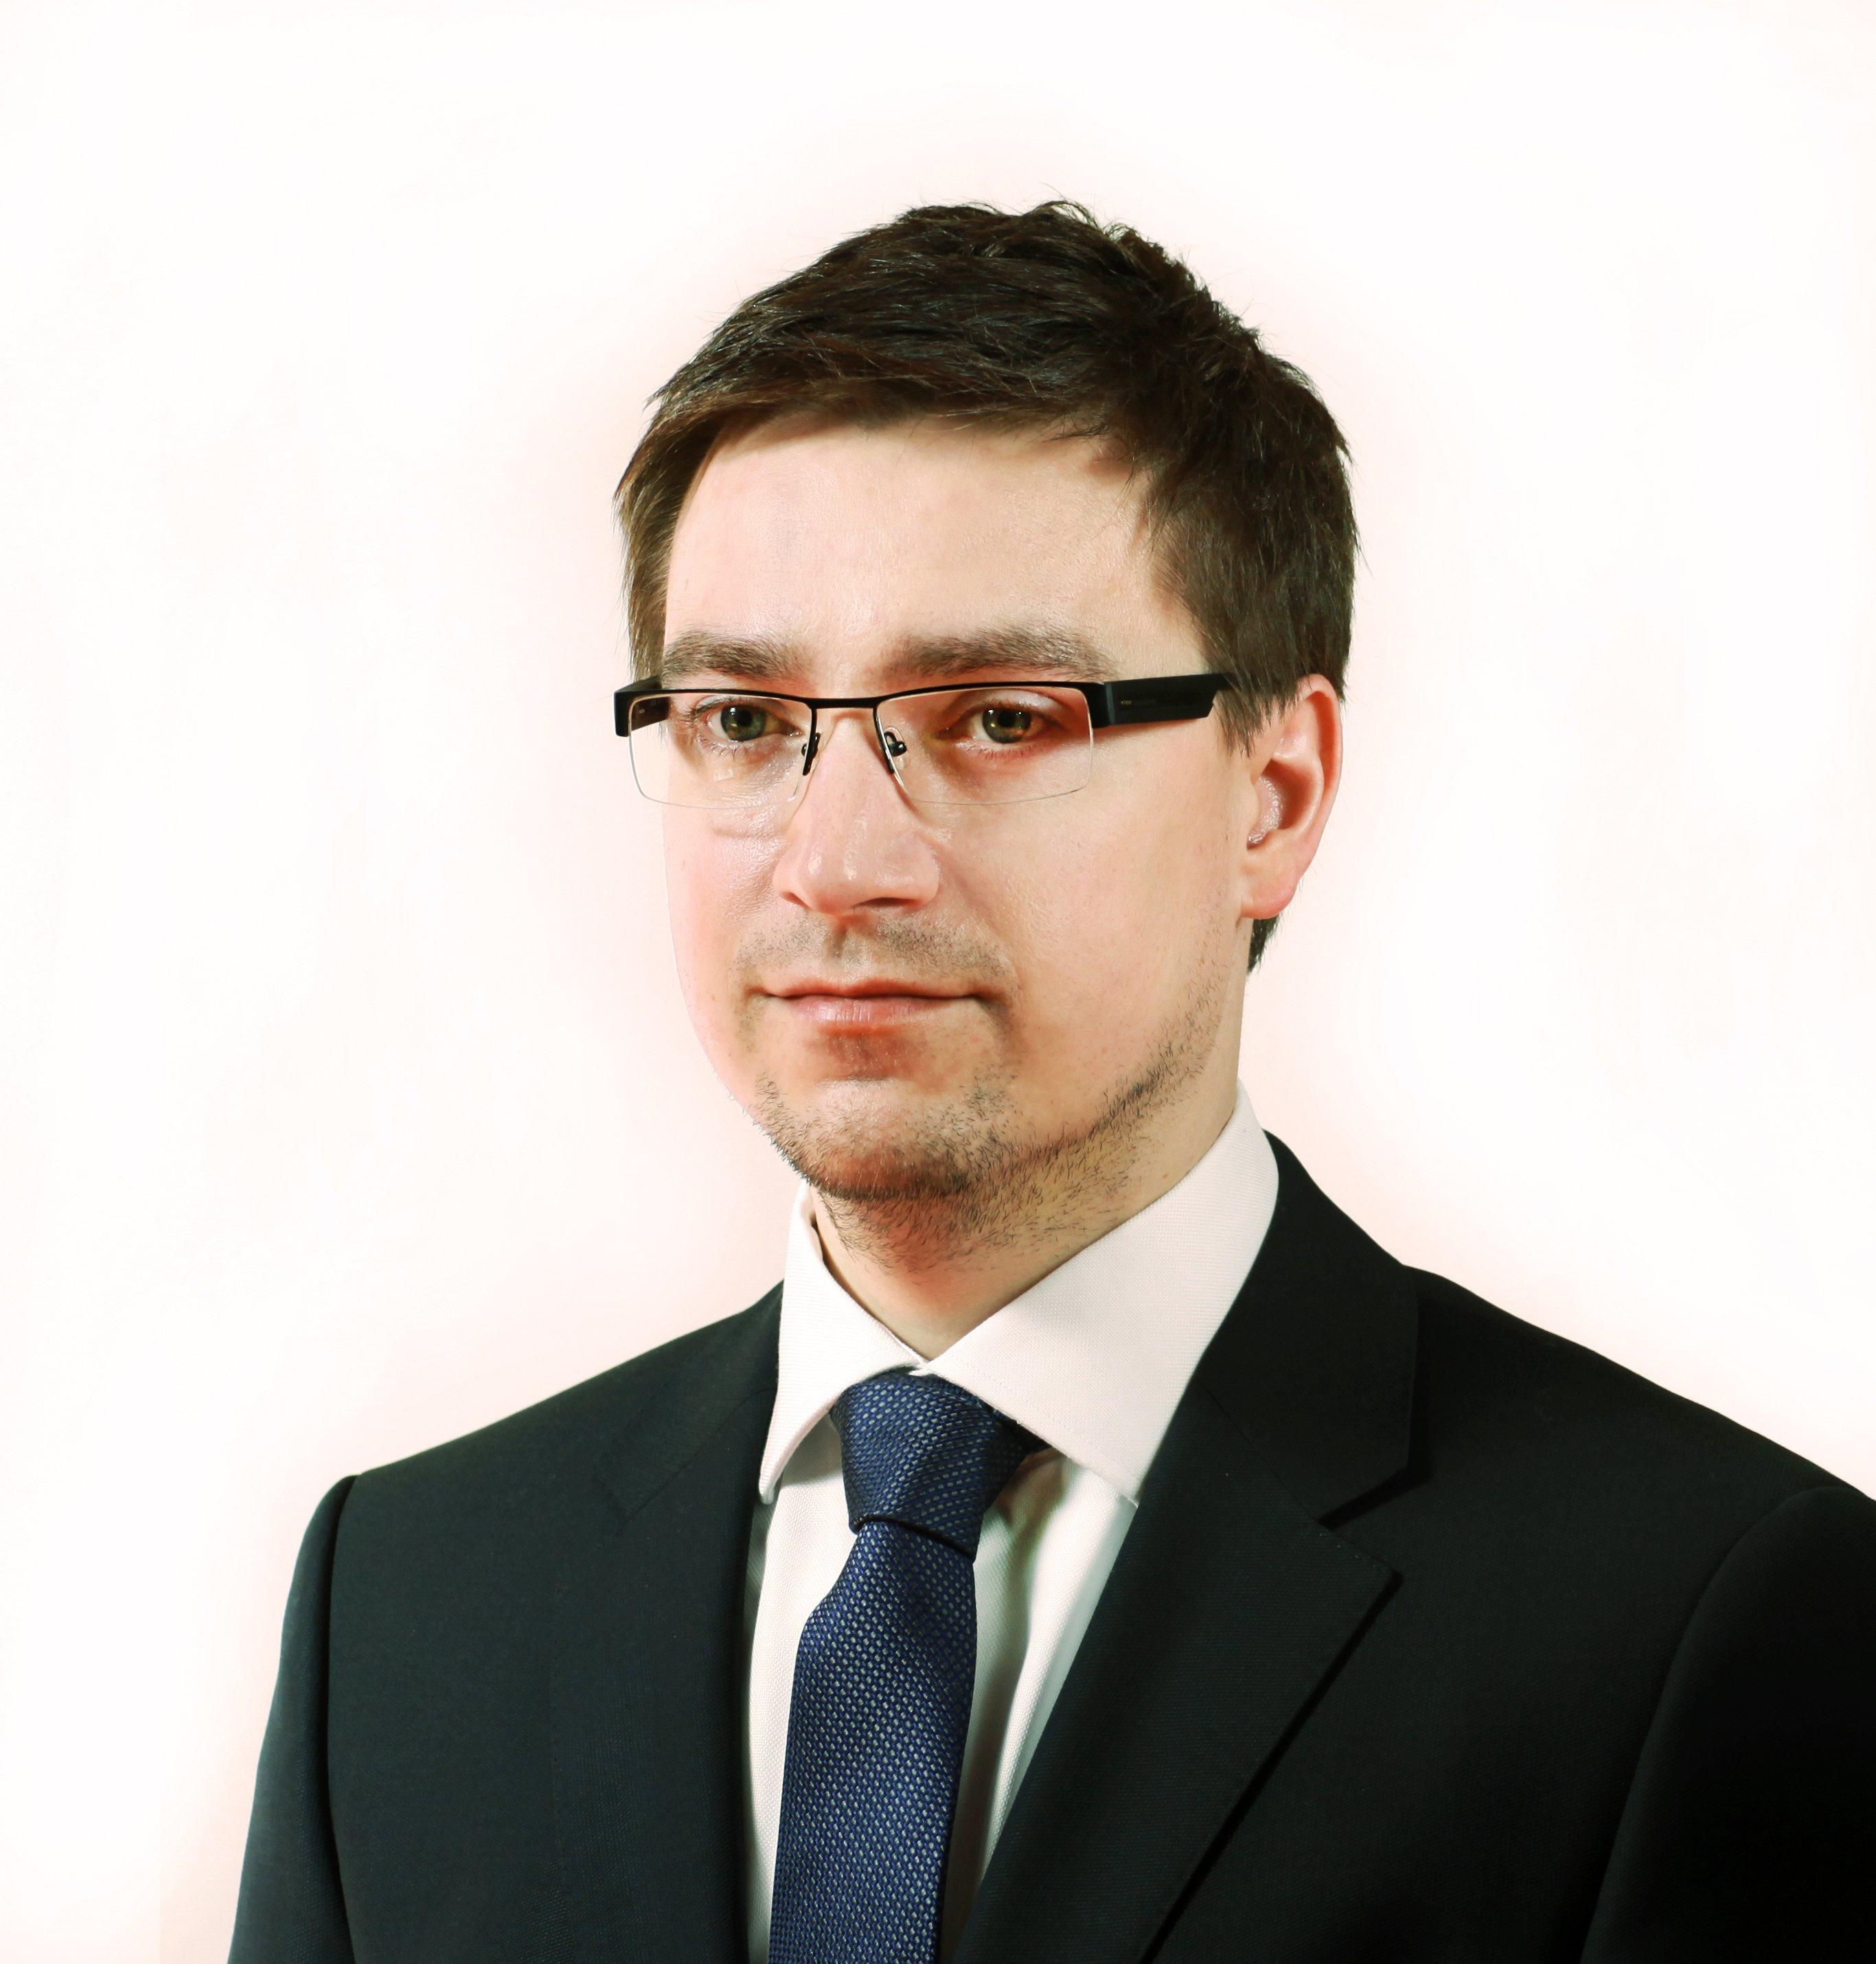 Slovačka - Marián Valentoviĉ